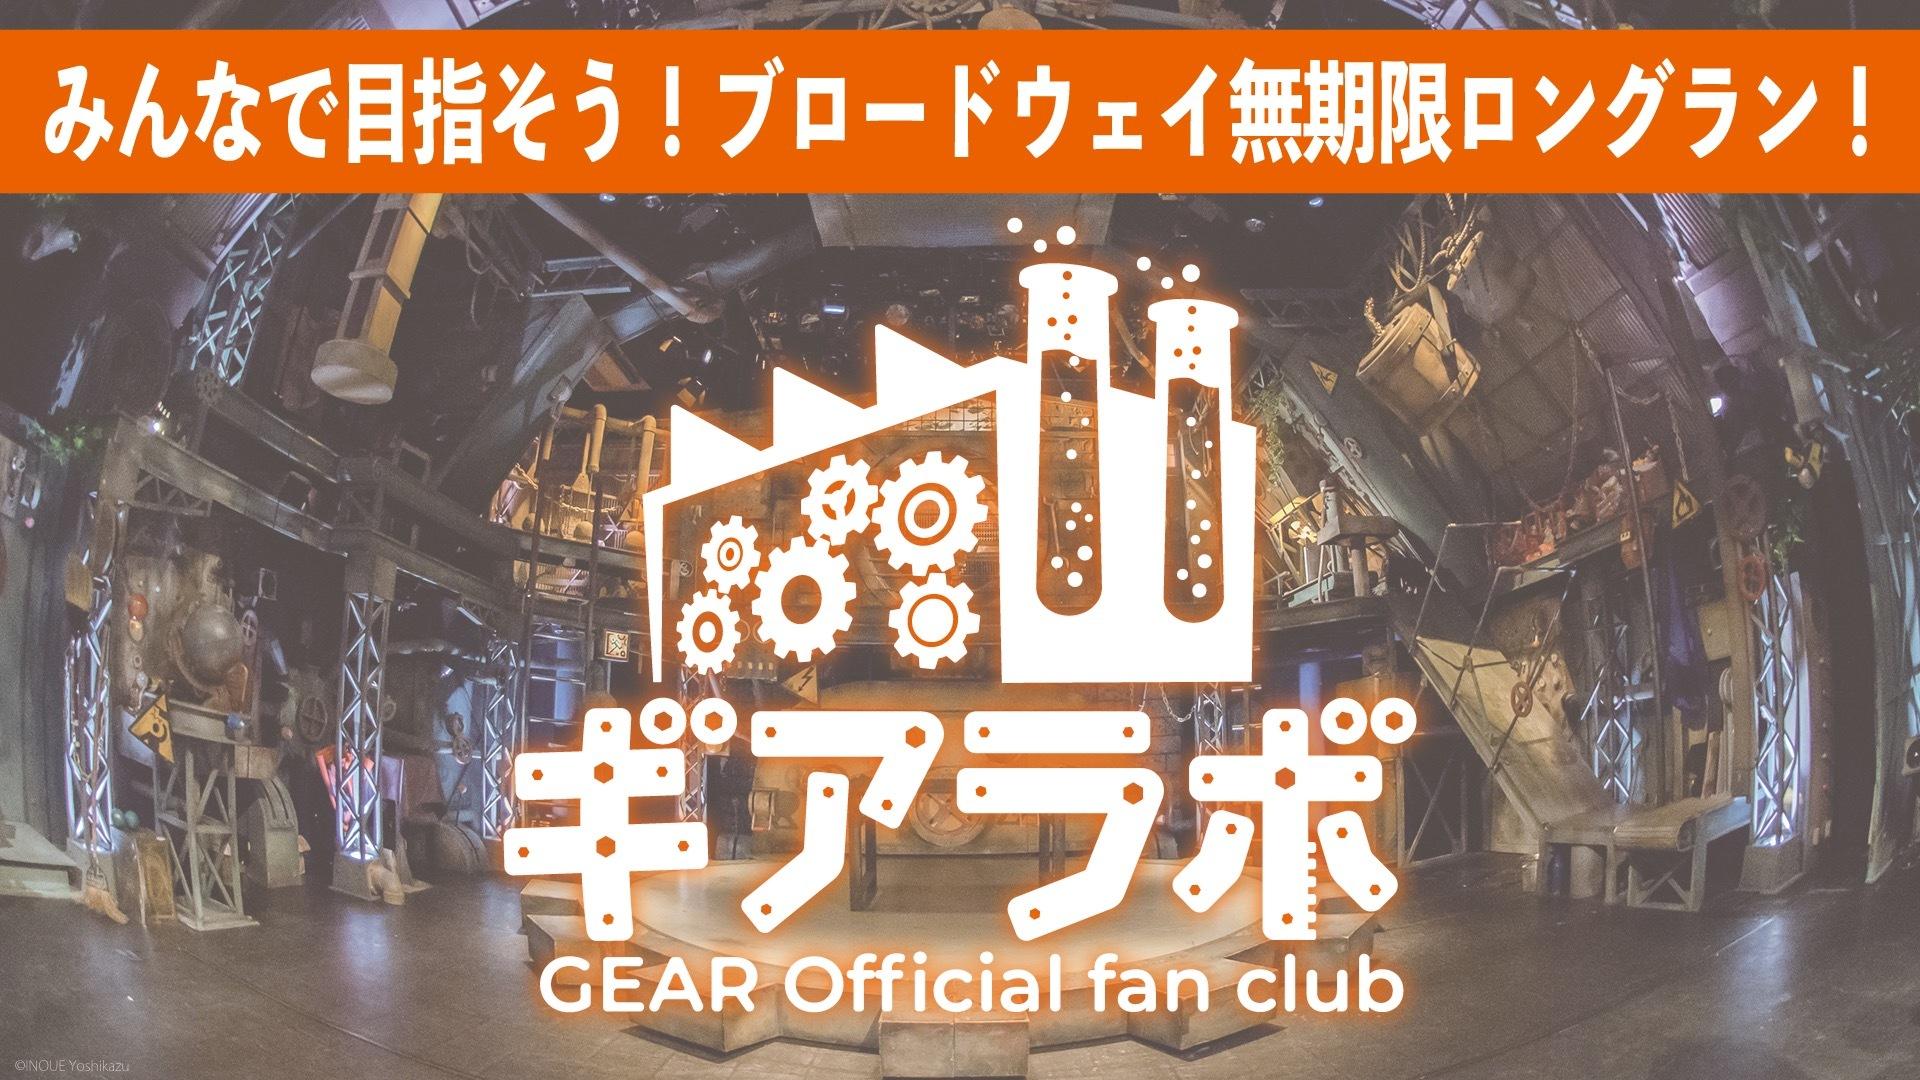 『ギア』公式ファンクラブ 「ギアラボ」